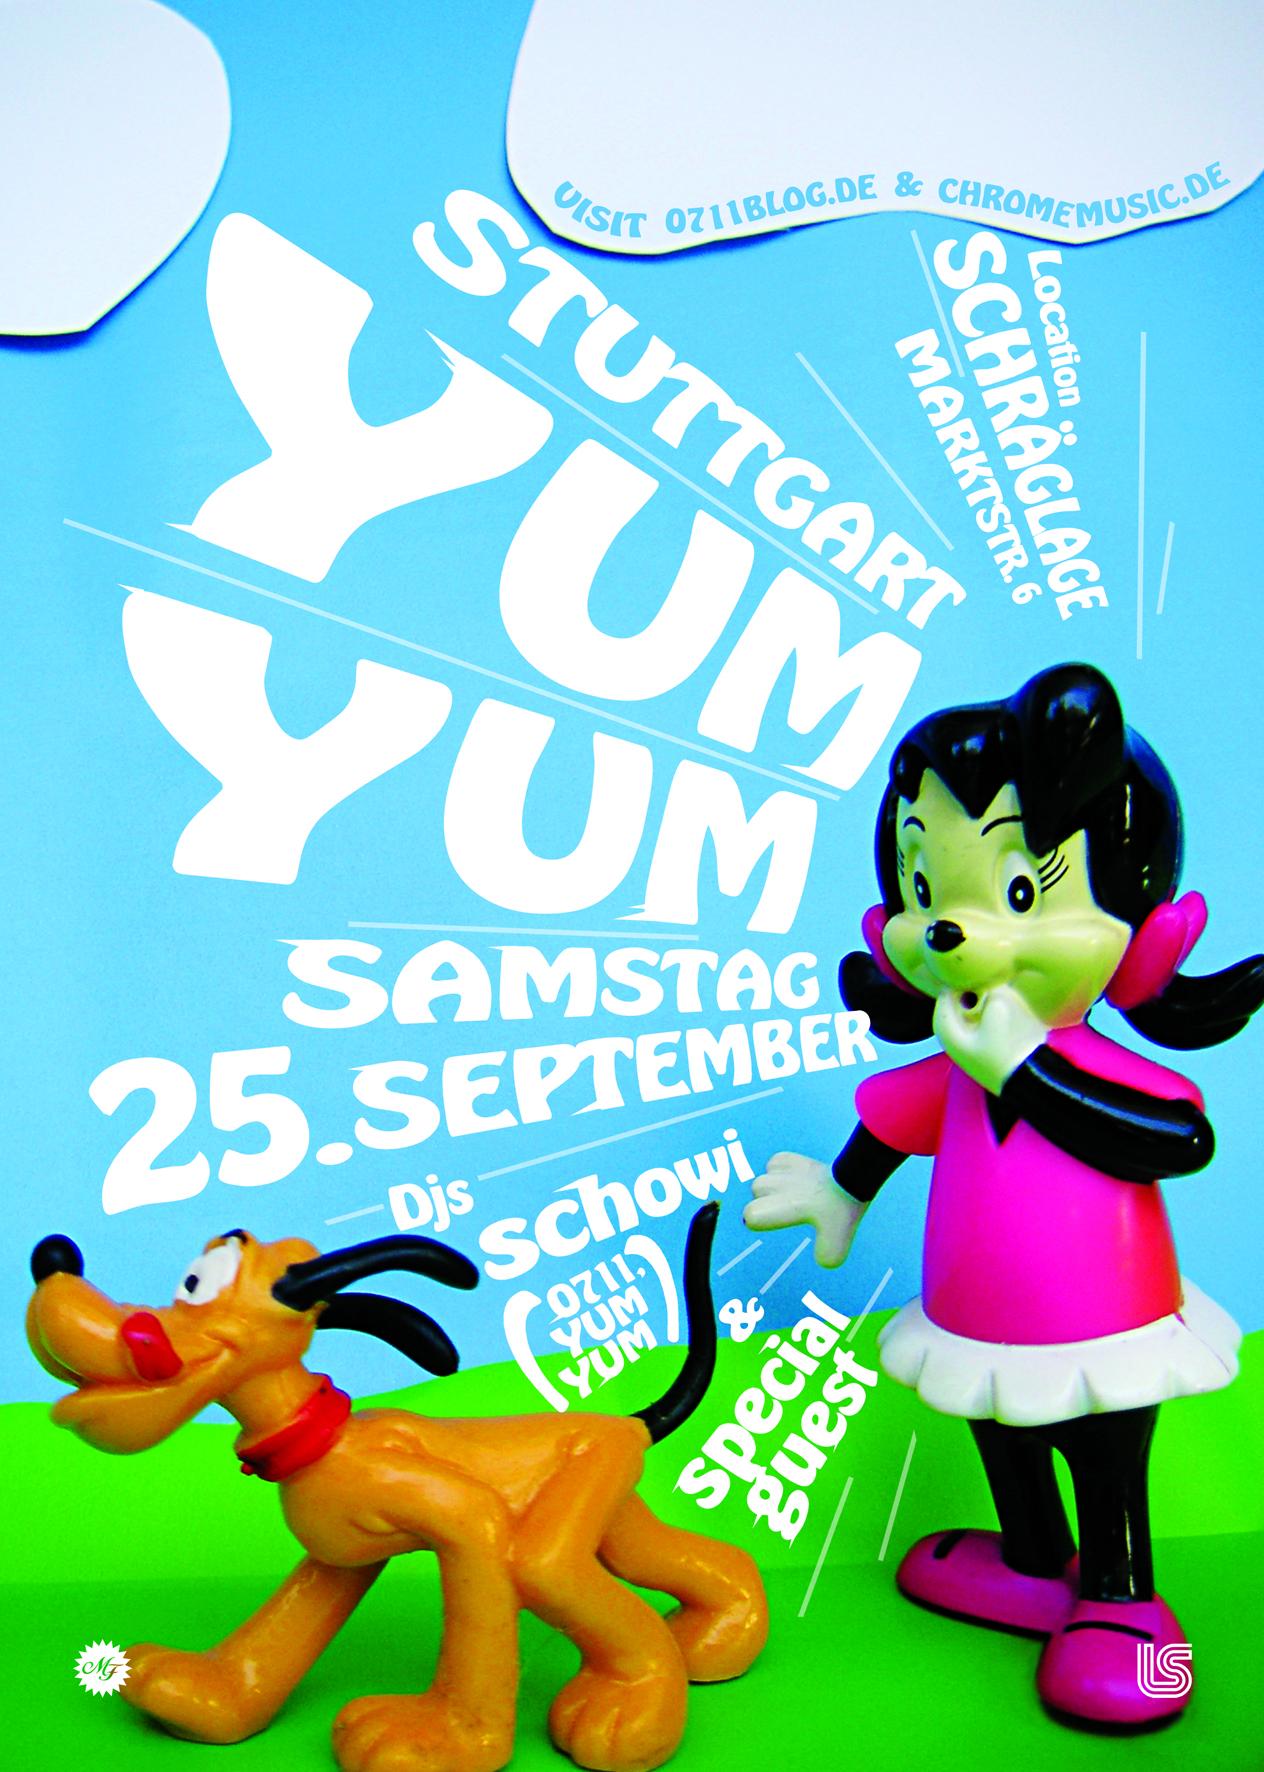 YUM YUM Stuttgart coming up this Saturday